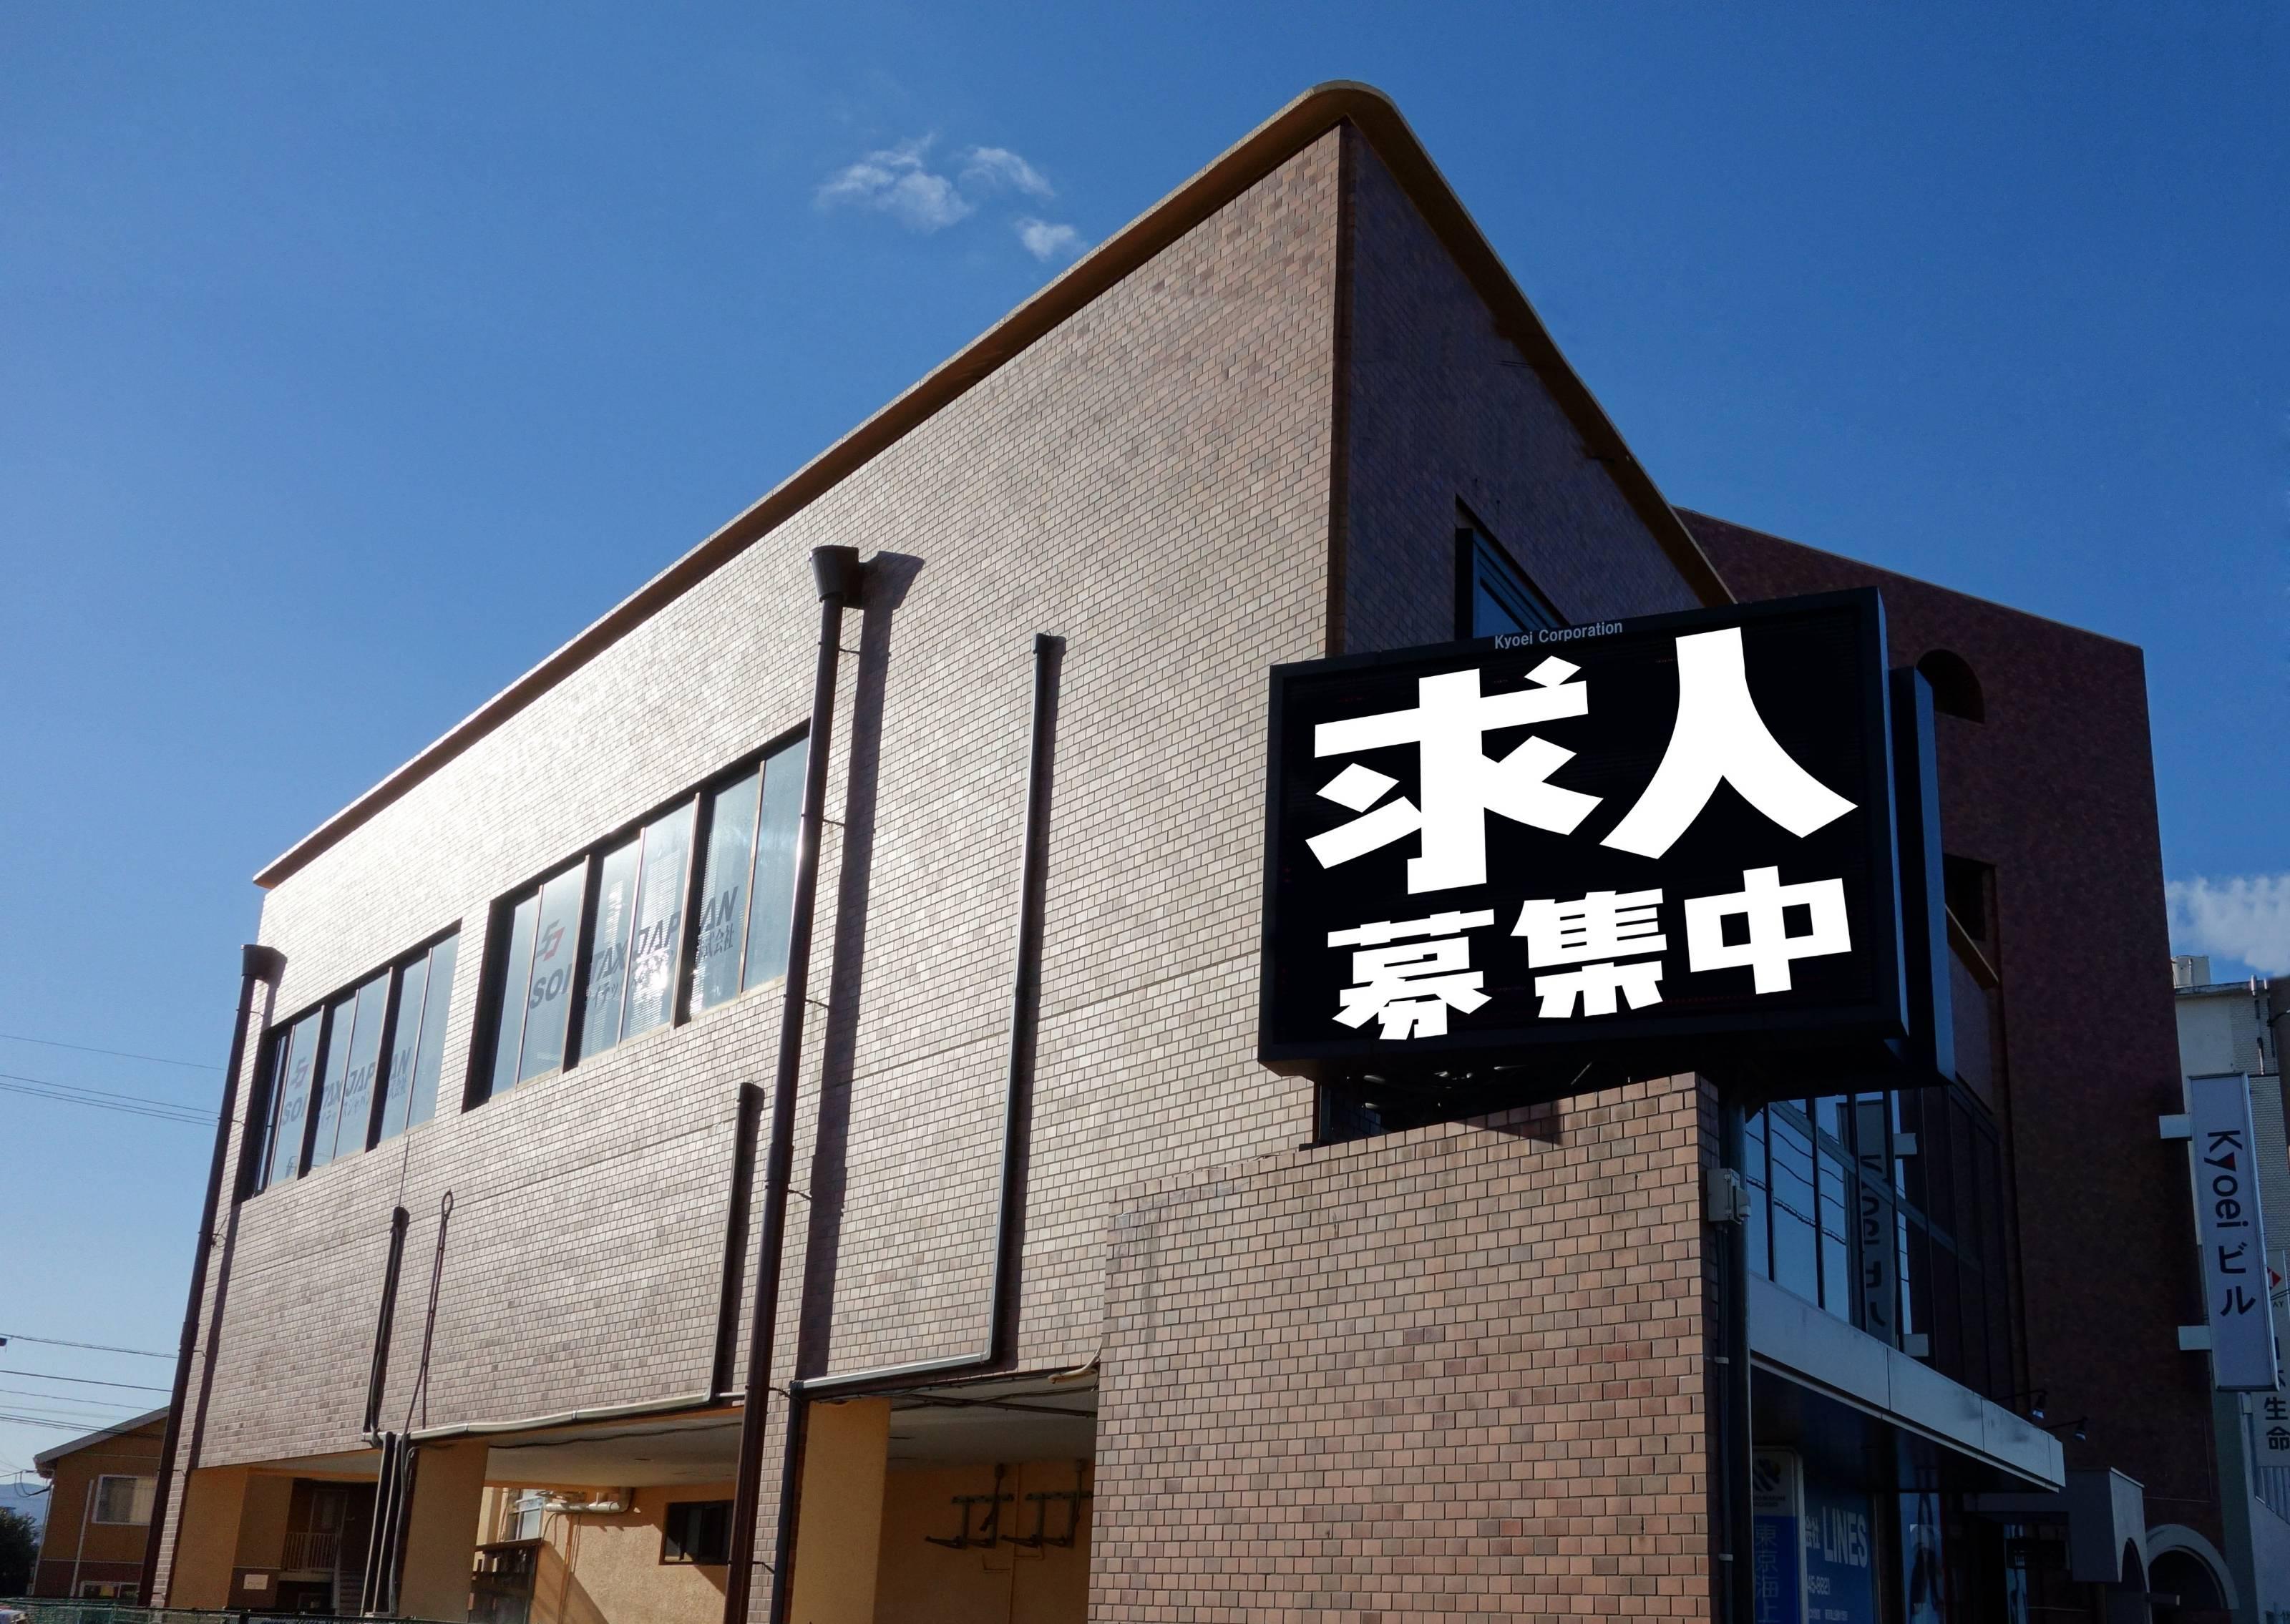 ソイテックスジャパン株式会社